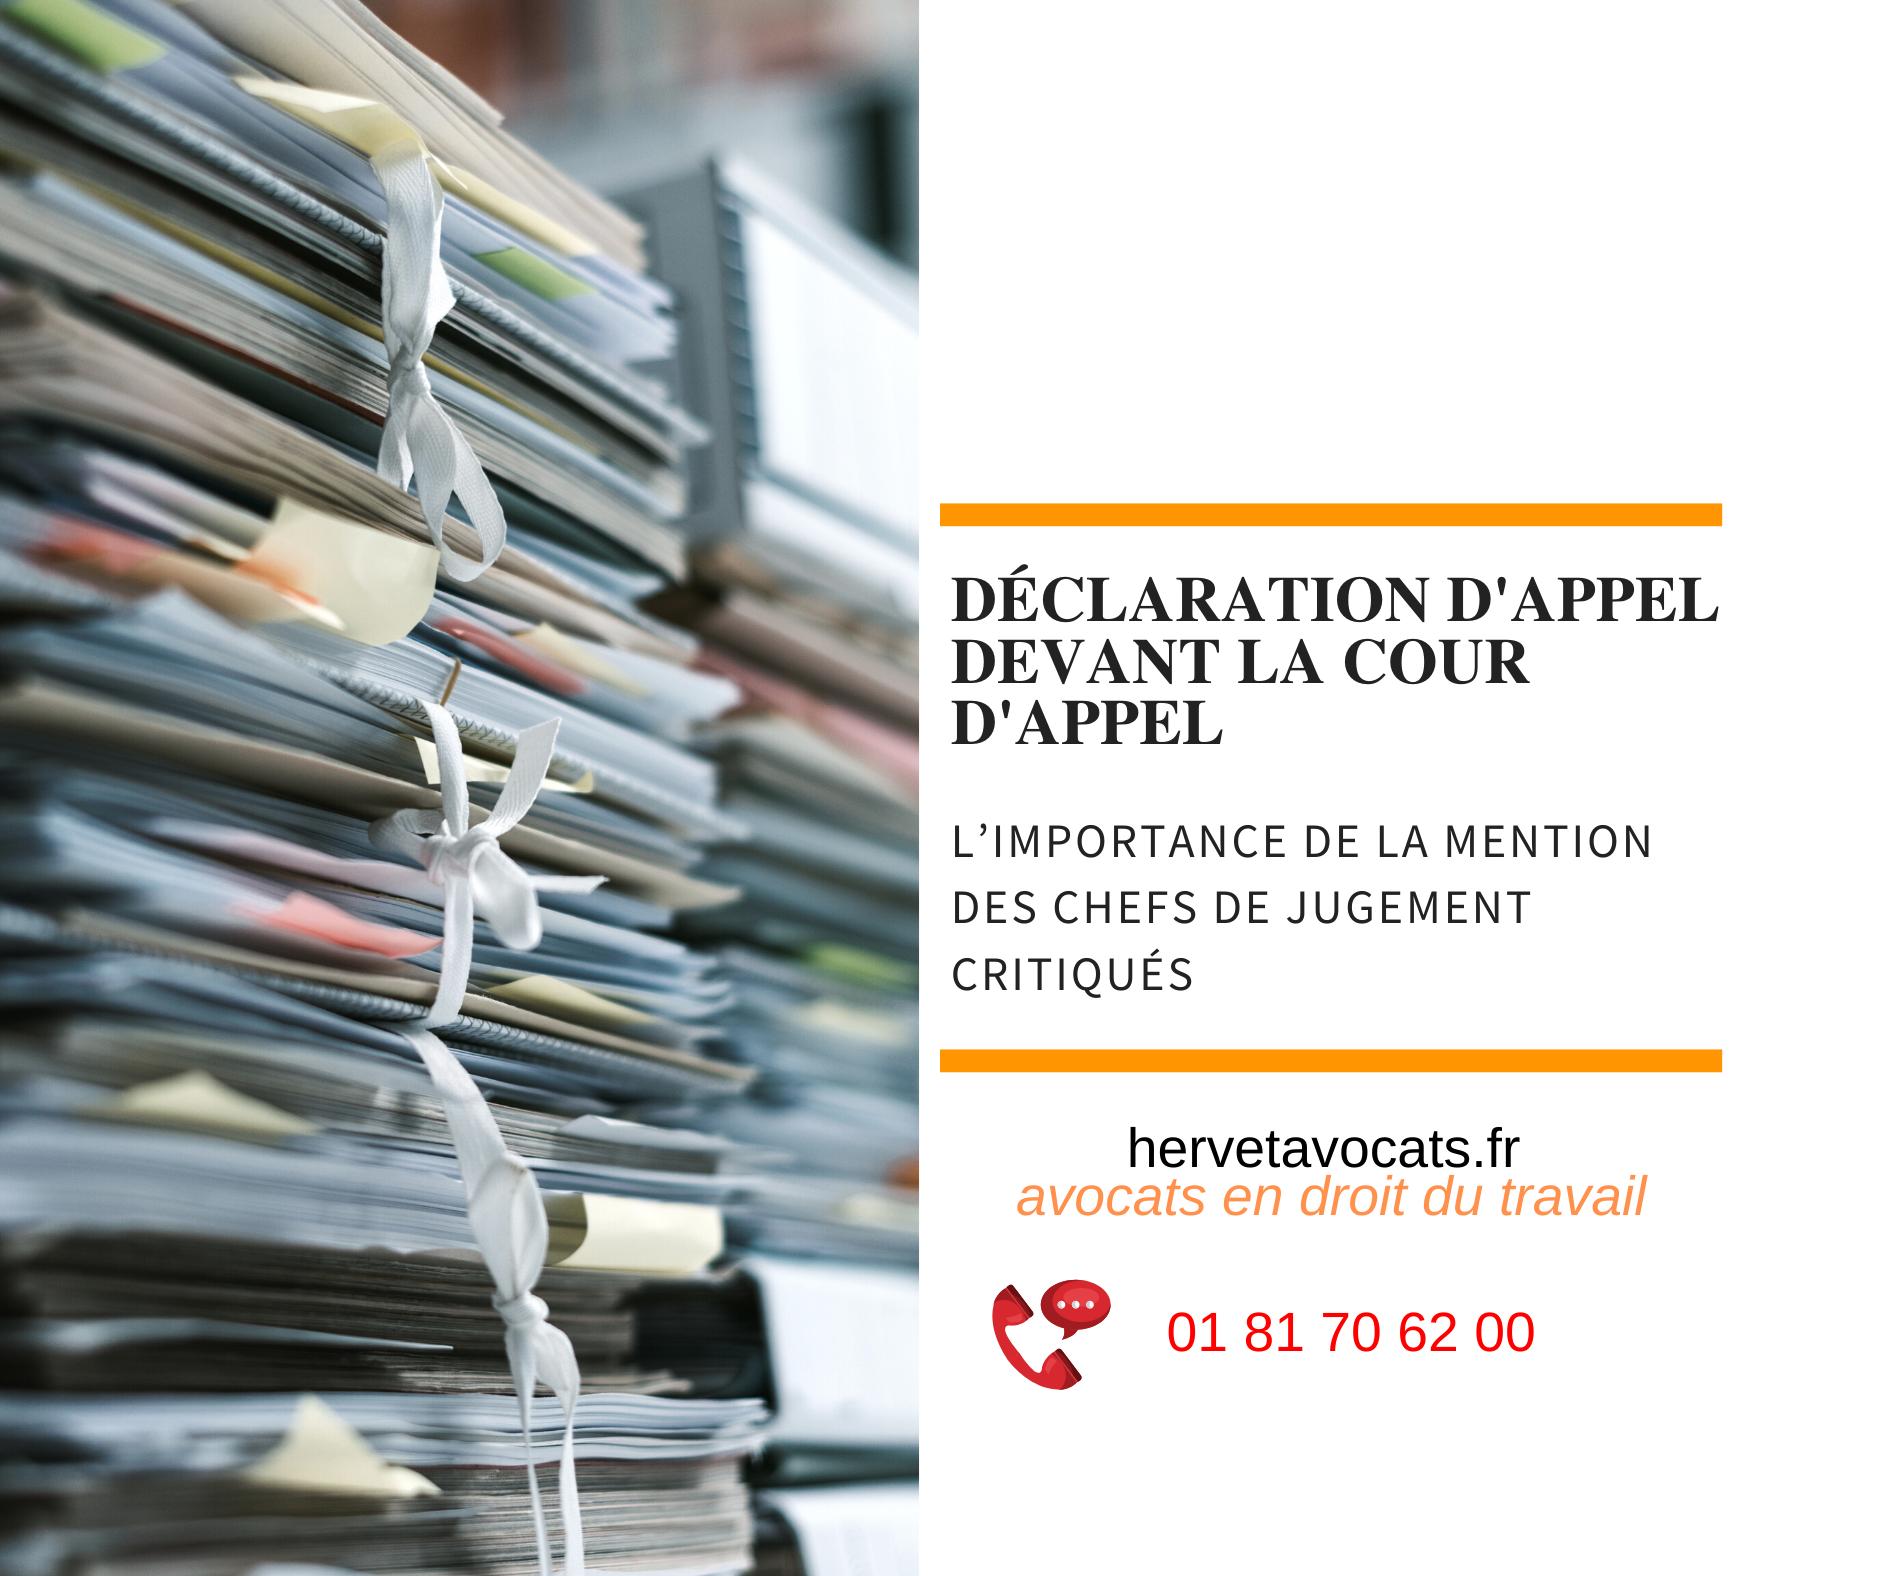 Procédure civile : l'importance de la mention des chefs de jugement critiqués dans l'appel d'une décision